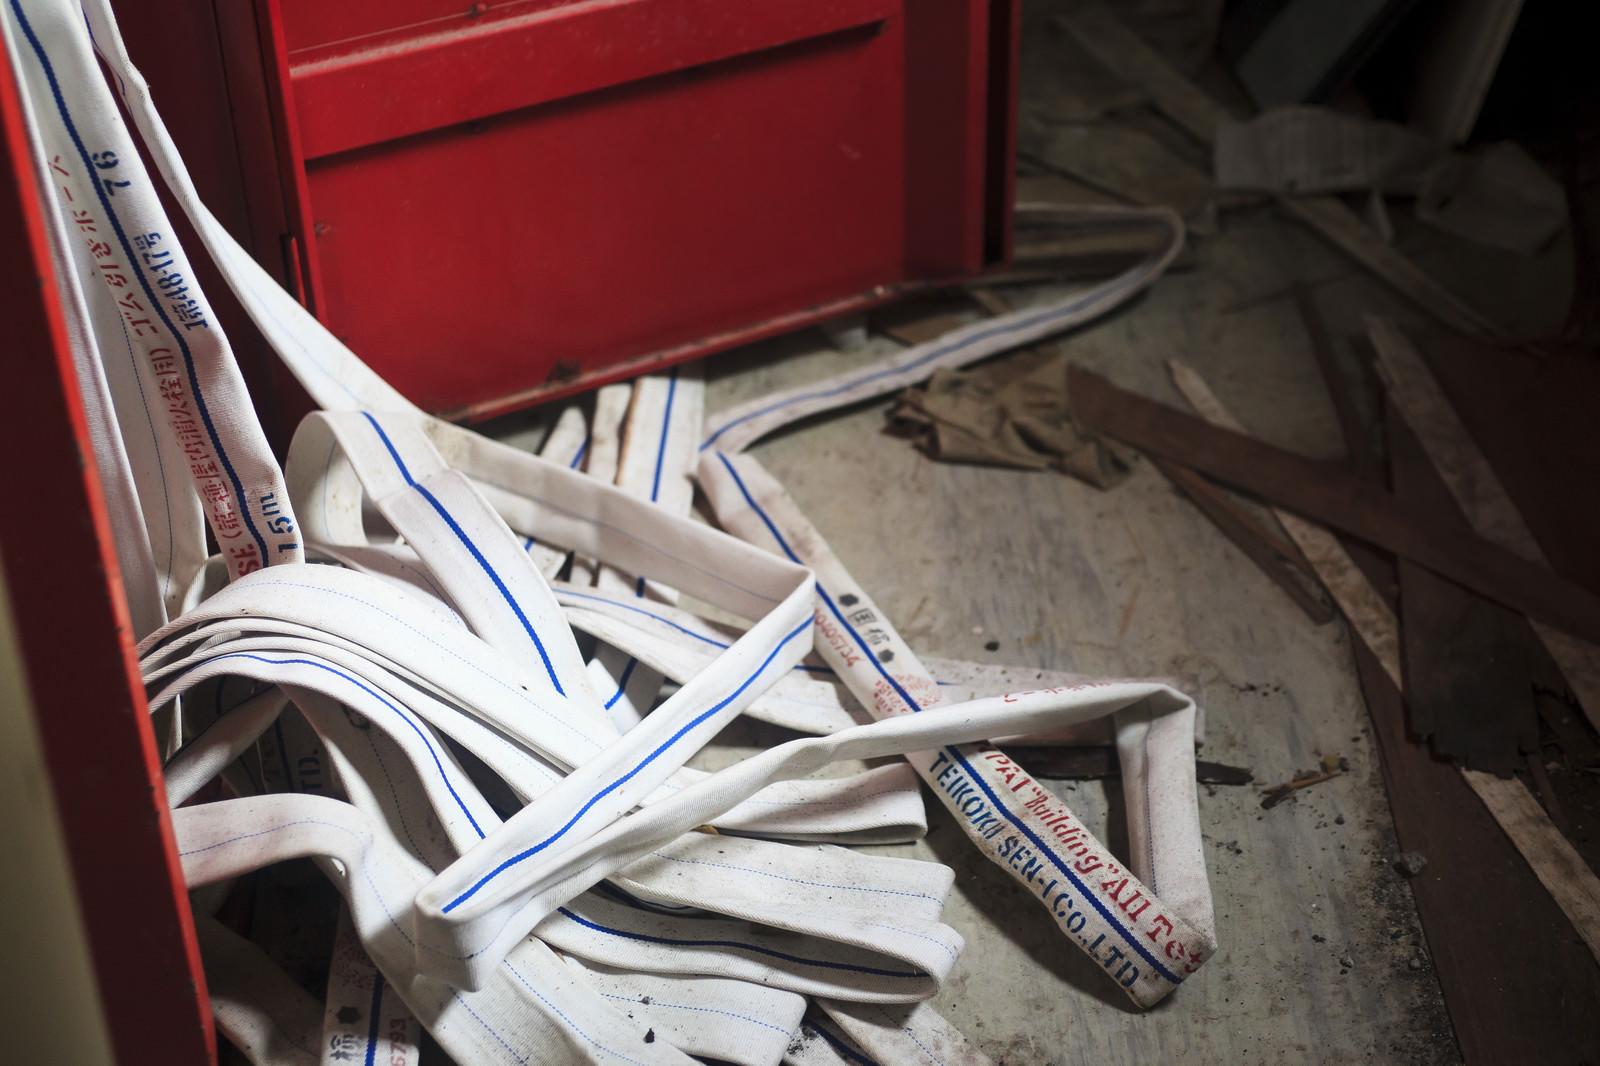 「消防ホースが崩れ出た屋内消防ホースが崩れ出た屋内」のフリー写真素材を拡大